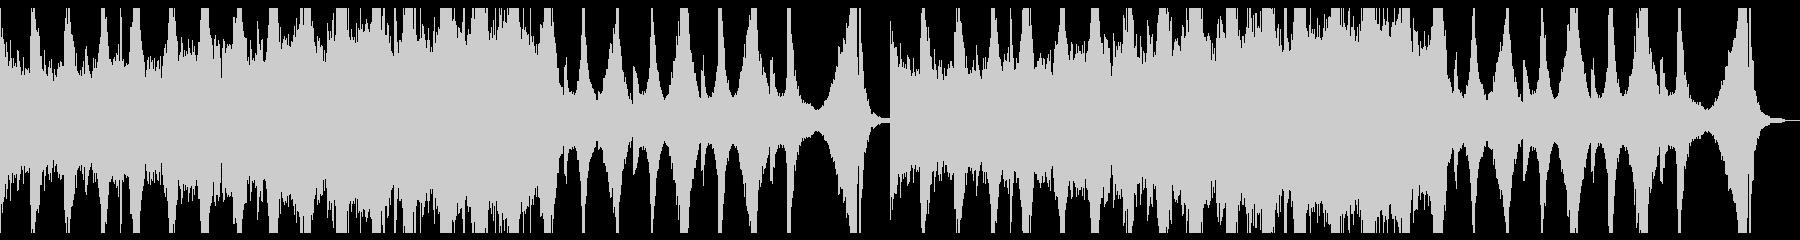 激しいピアノのリフから始まる曲調の未再生の波形